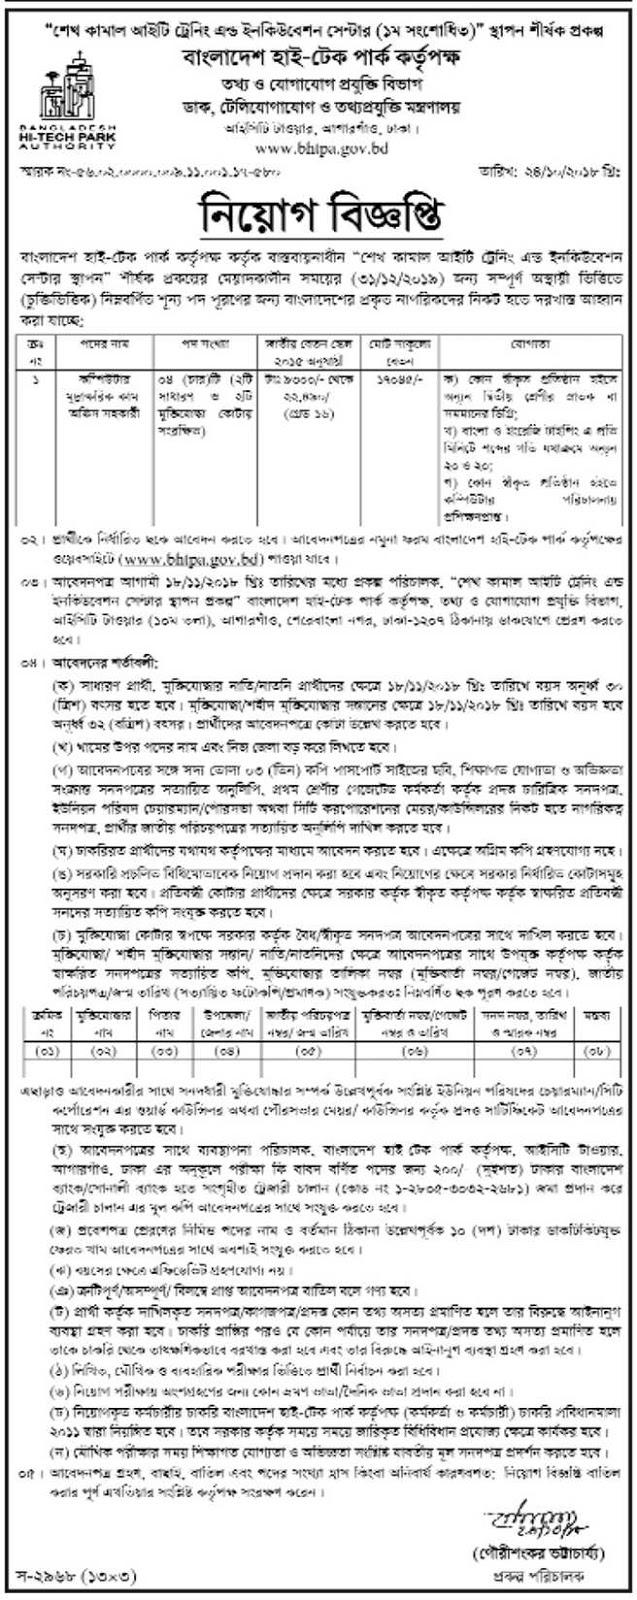 Bangladesh Hi-Tech Park Authority (BHTPA) Job Circular 2018